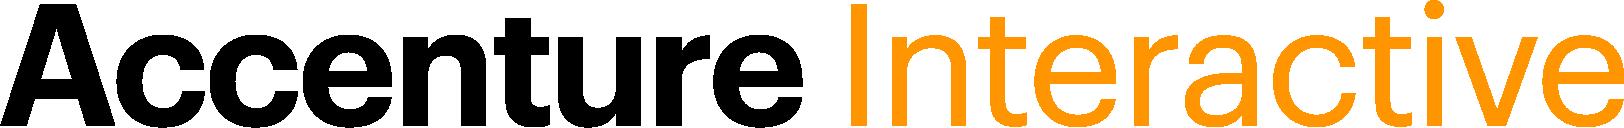 Accenture-Digital-Logo-No-Strapline